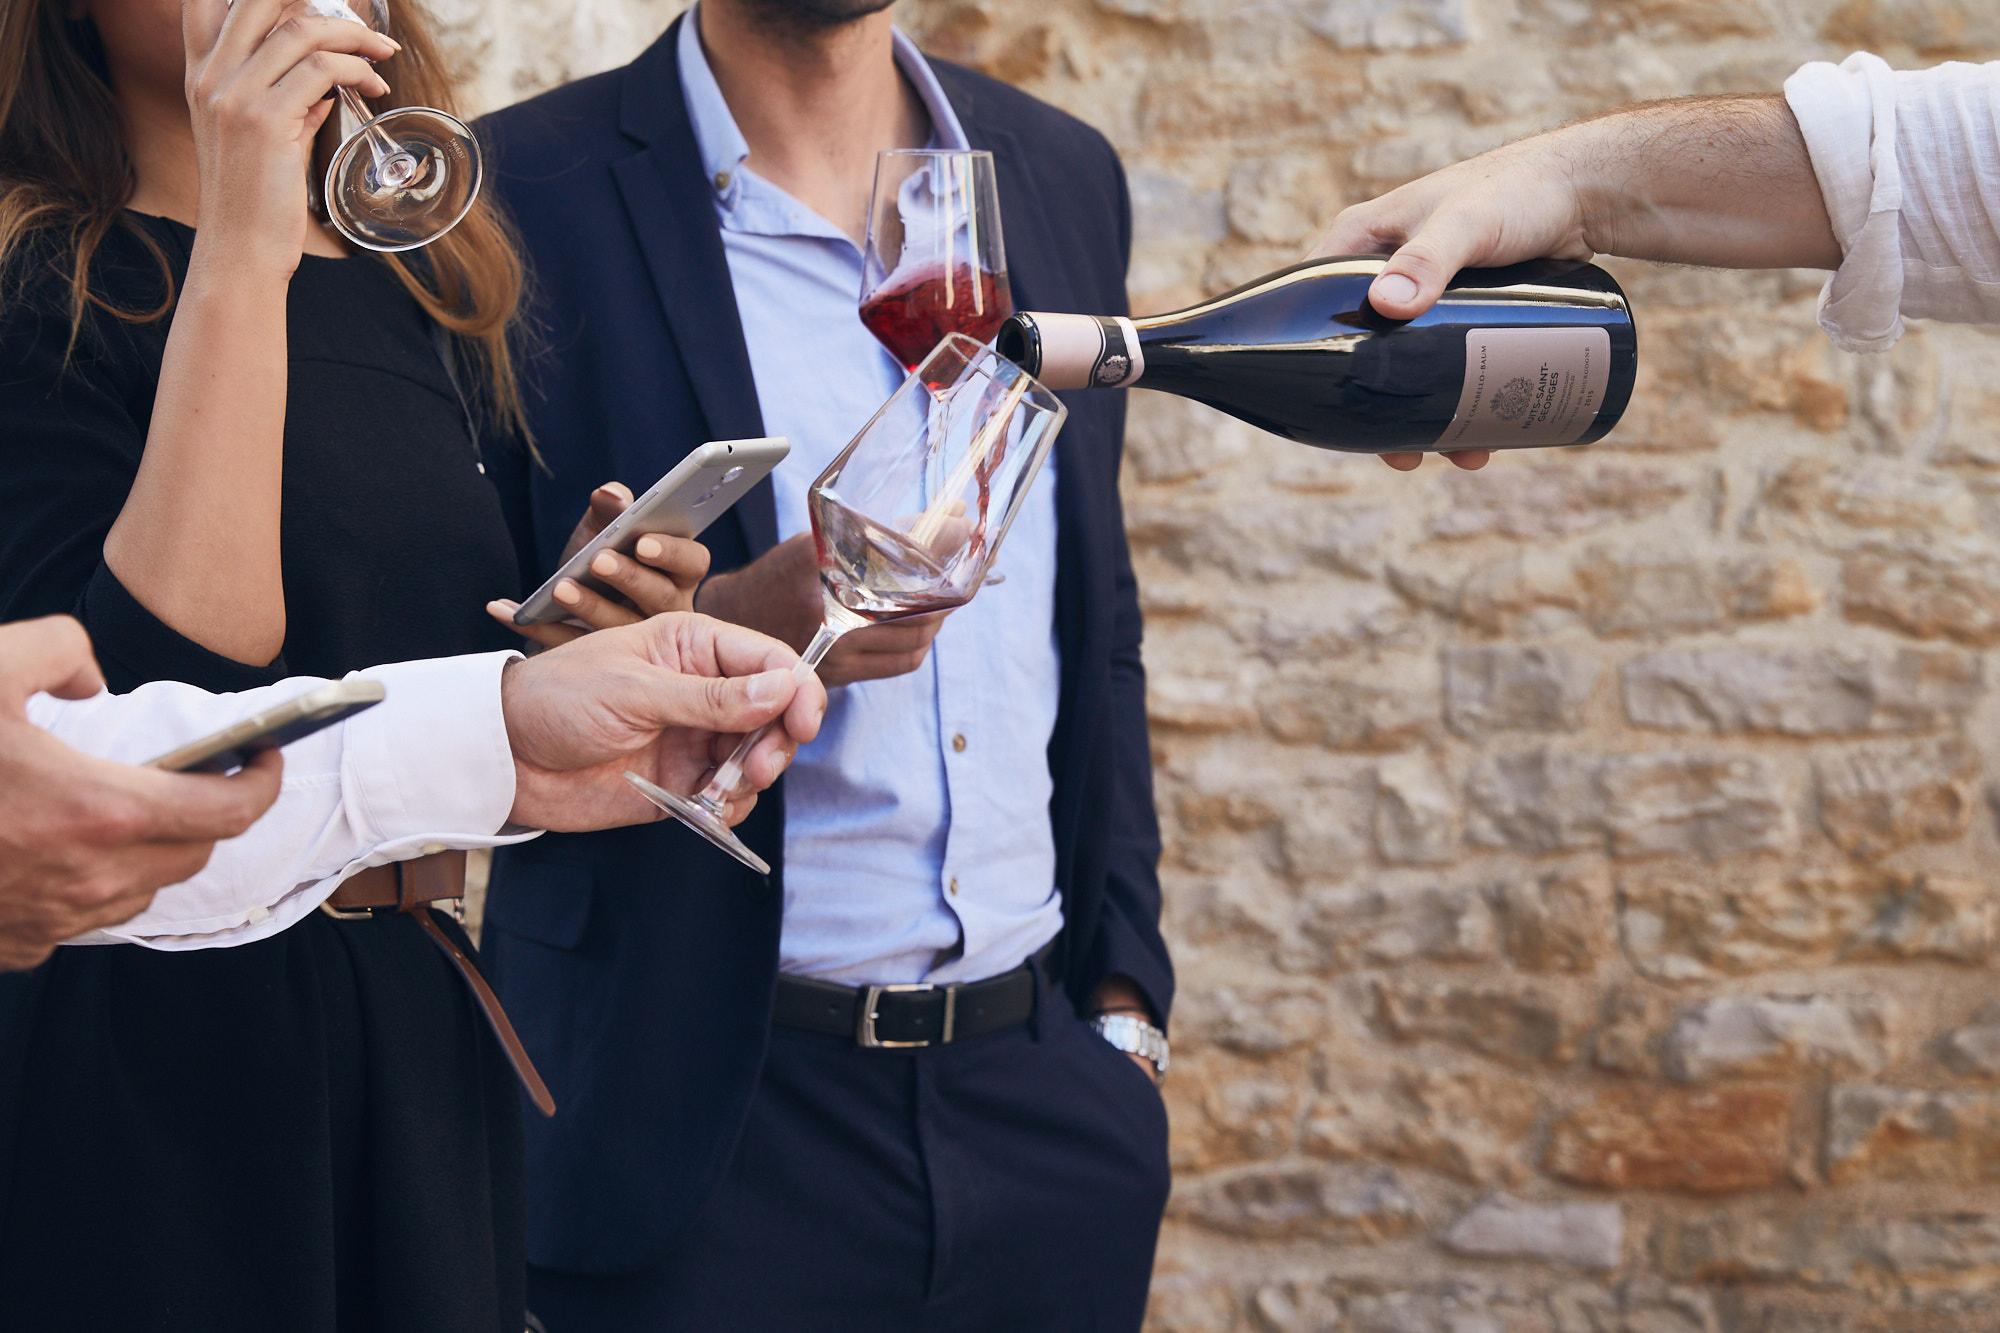 Pourring wine